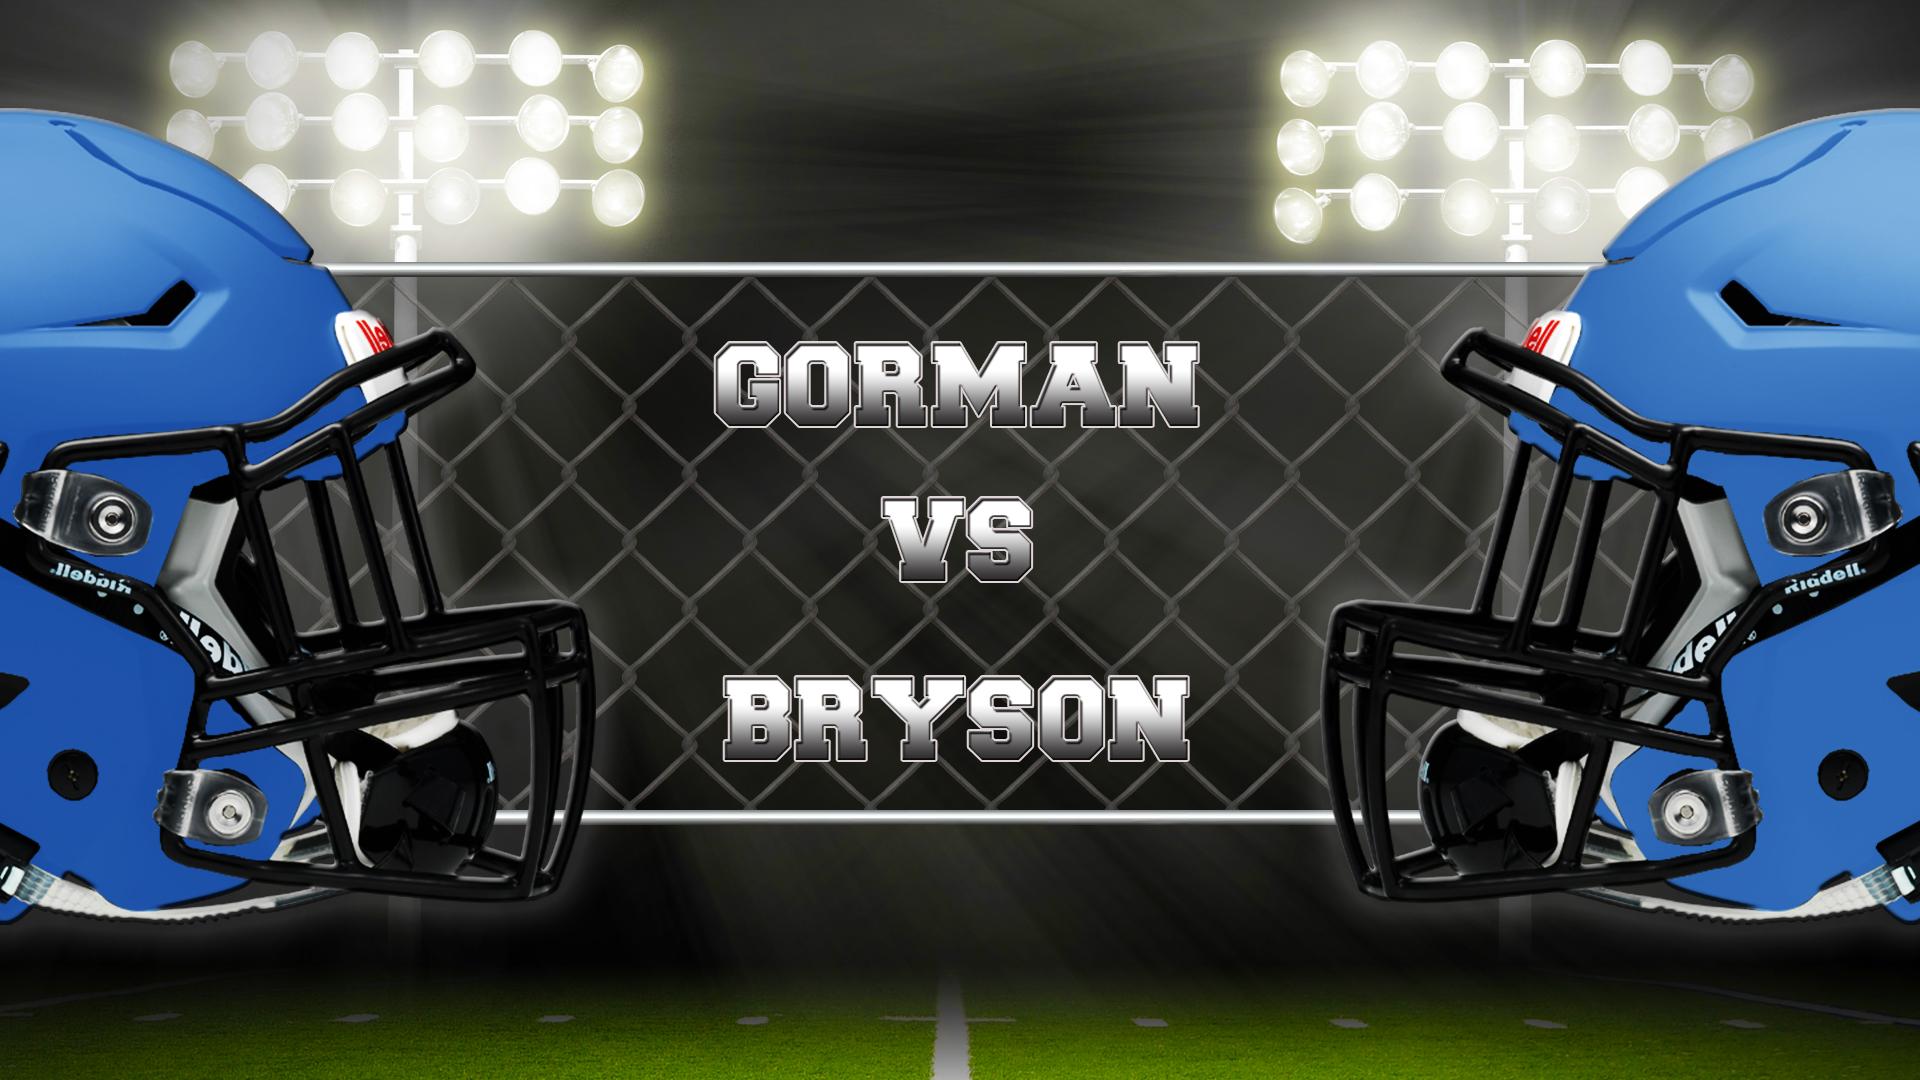 Gorman vs Bryson_1475158669536.jpg